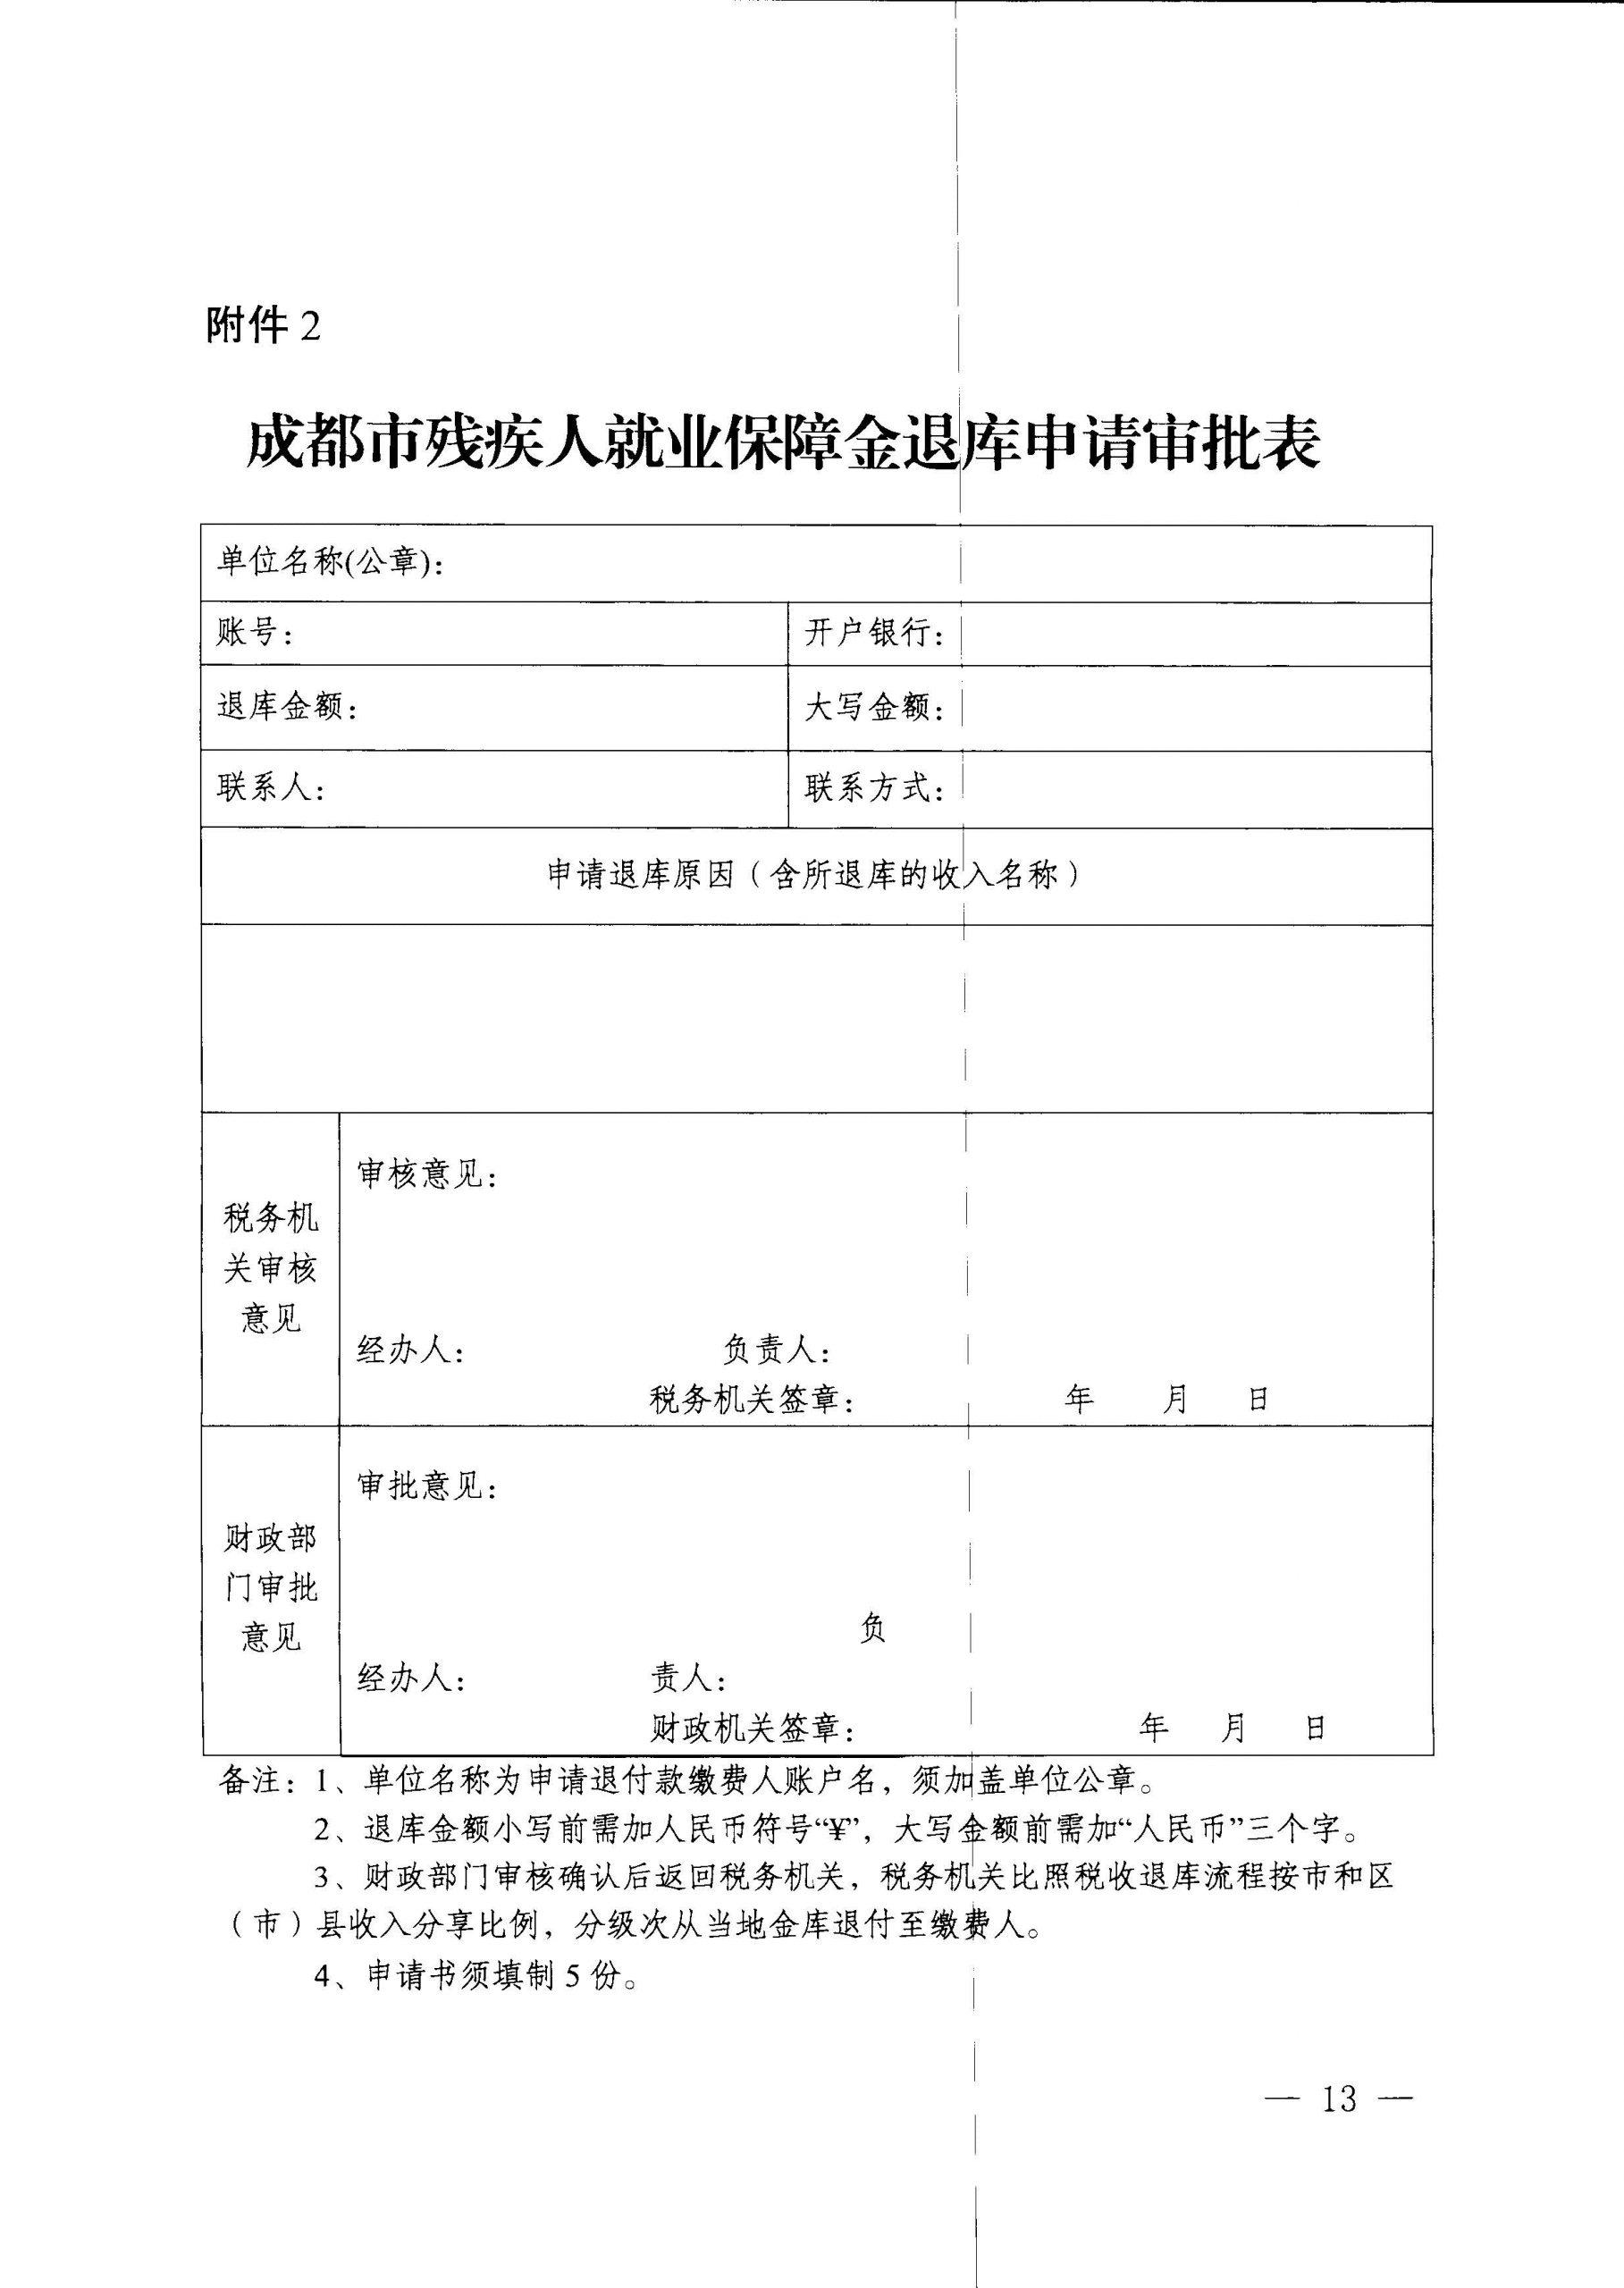 附件2成都市残疾人就业保障金退库申请审批表